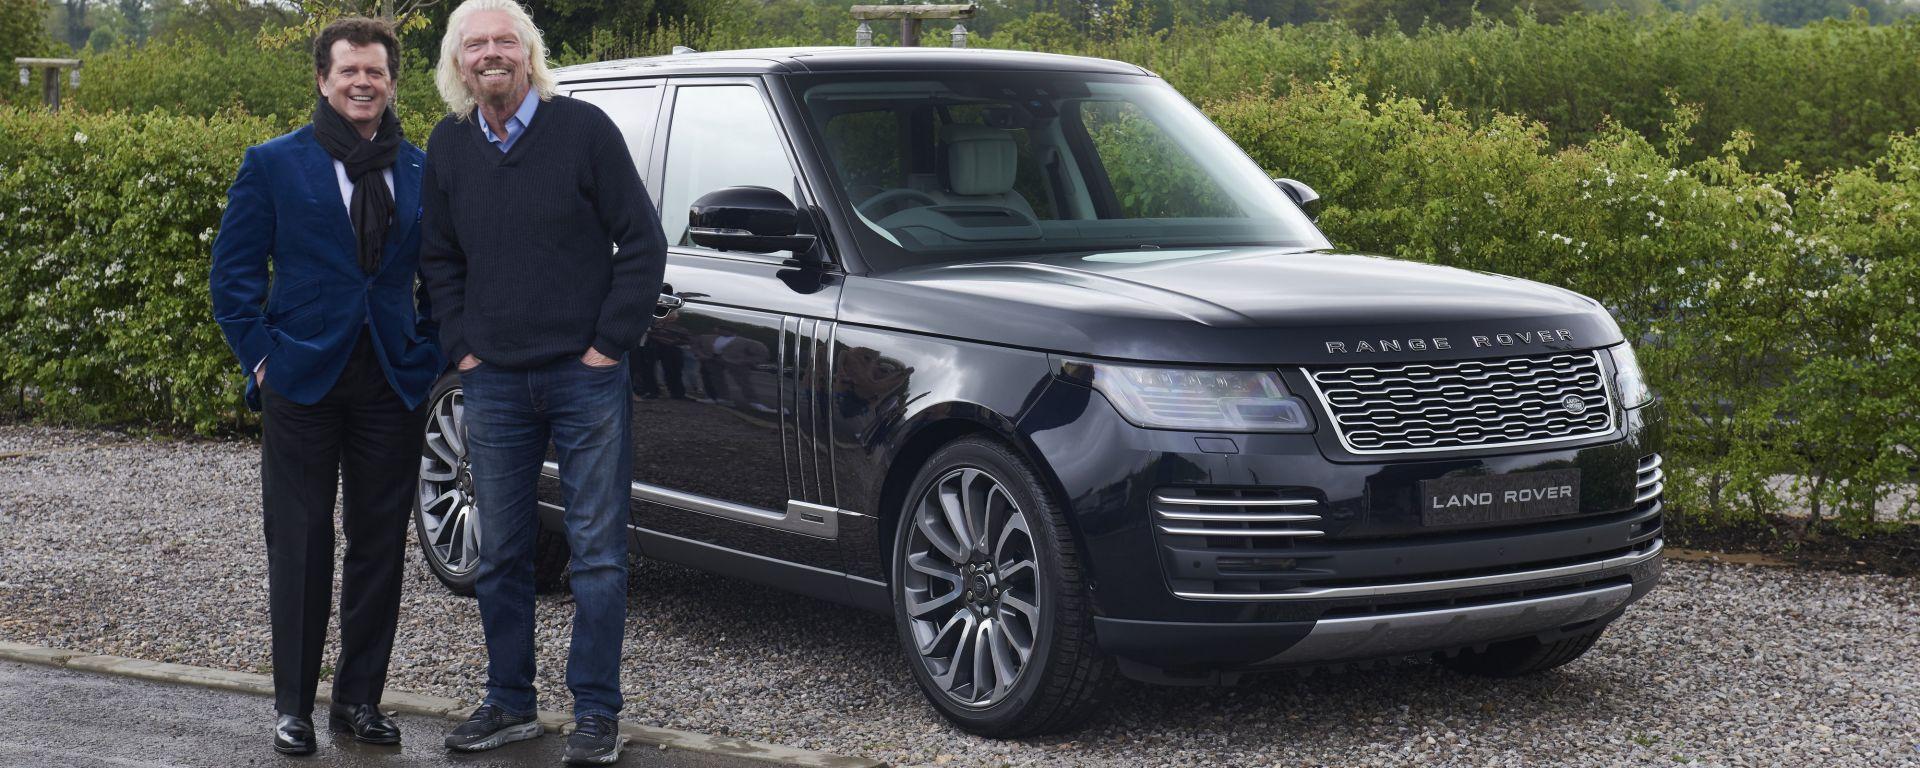 Land Rover Range Rover Astronaut Edition: solo per astronauti